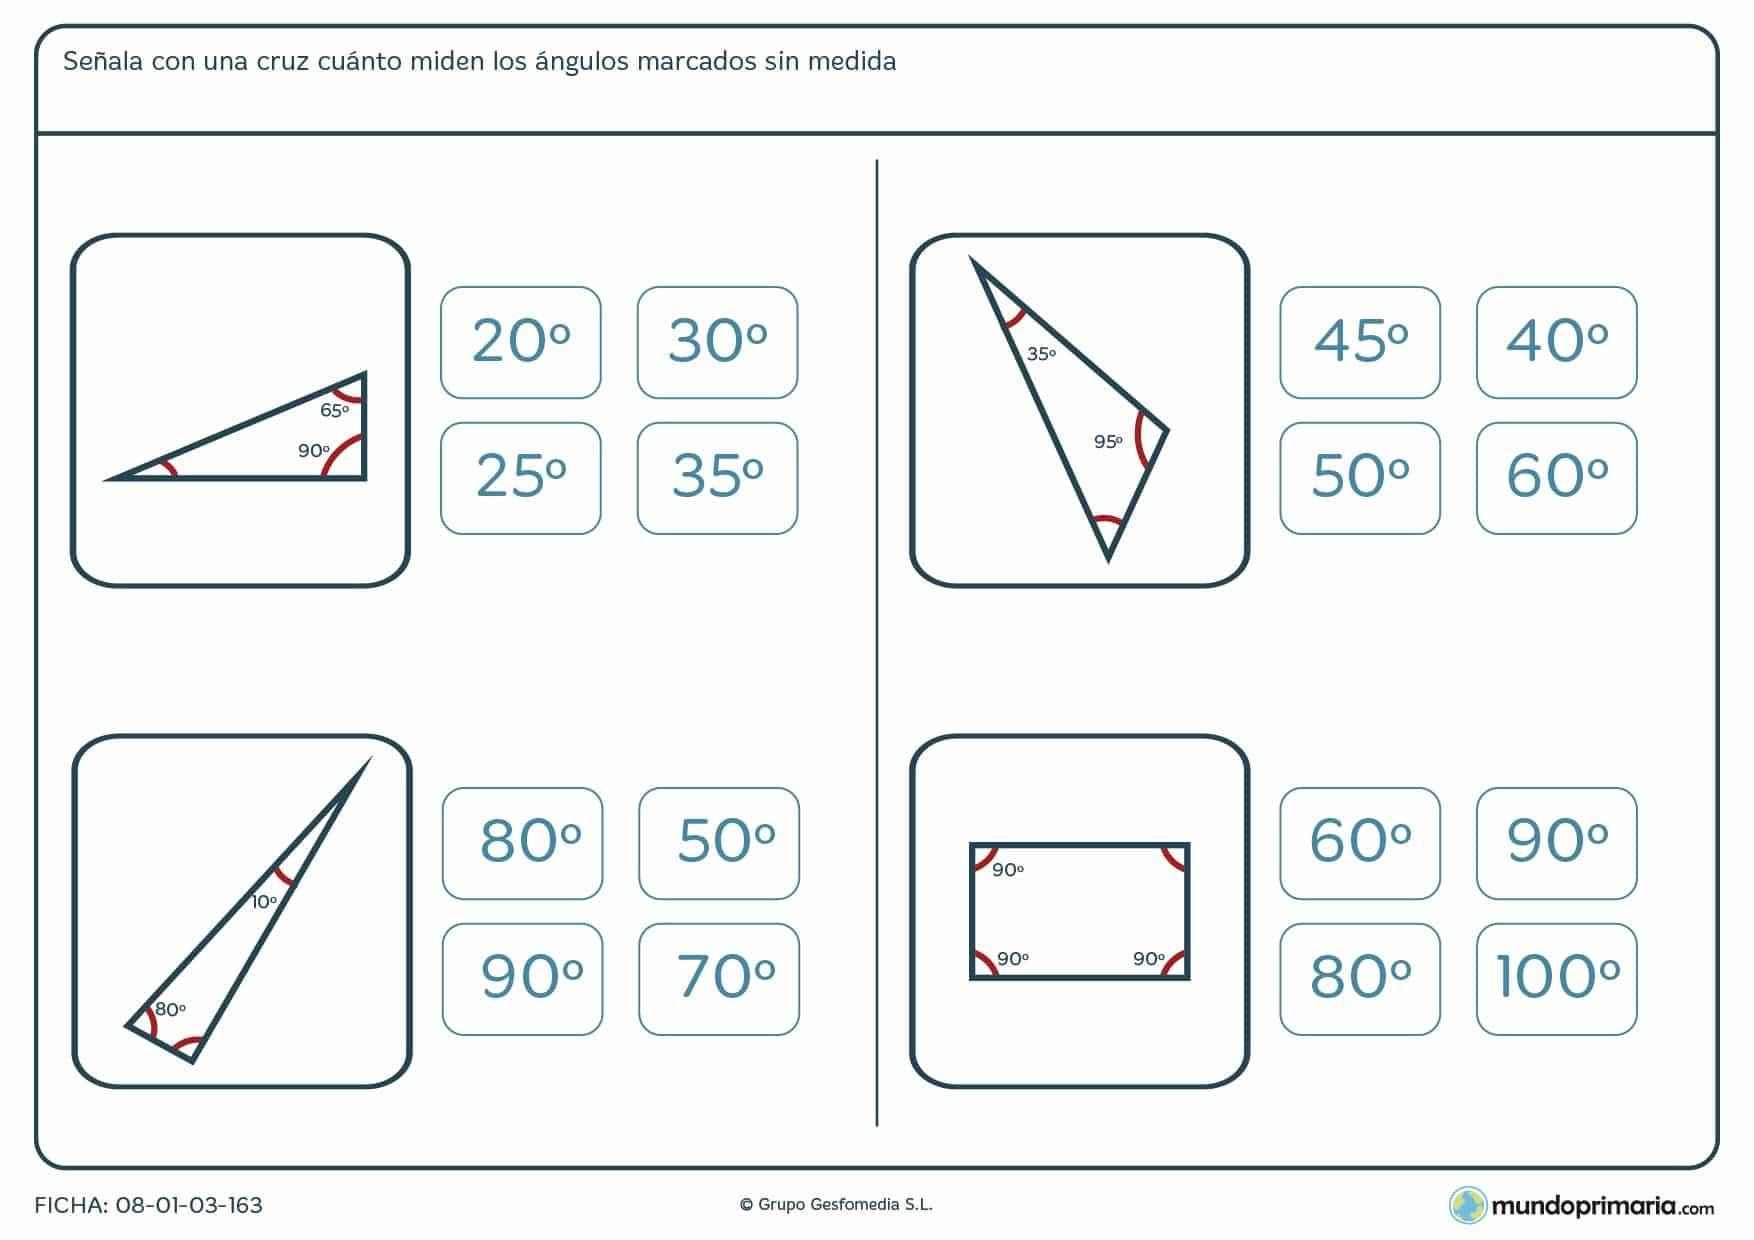 Ficha del ángulo marcado, en la que partiendo de los ángulos marcados con medida has de hallar el que no la tiene.